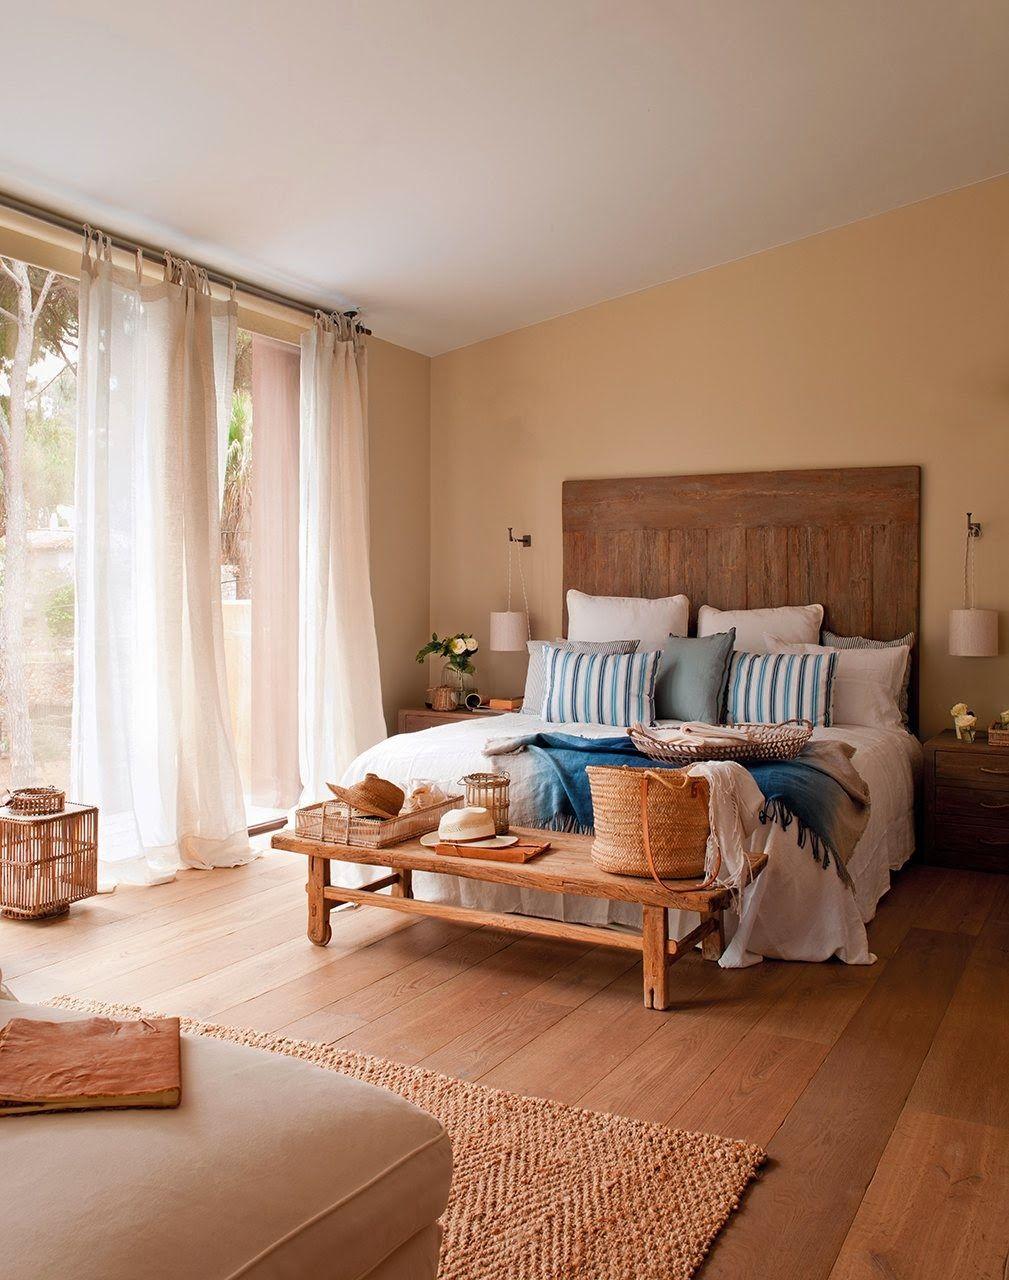 El dormitorio - decoração casa de campo | Recámaras | Pinterest | El ...